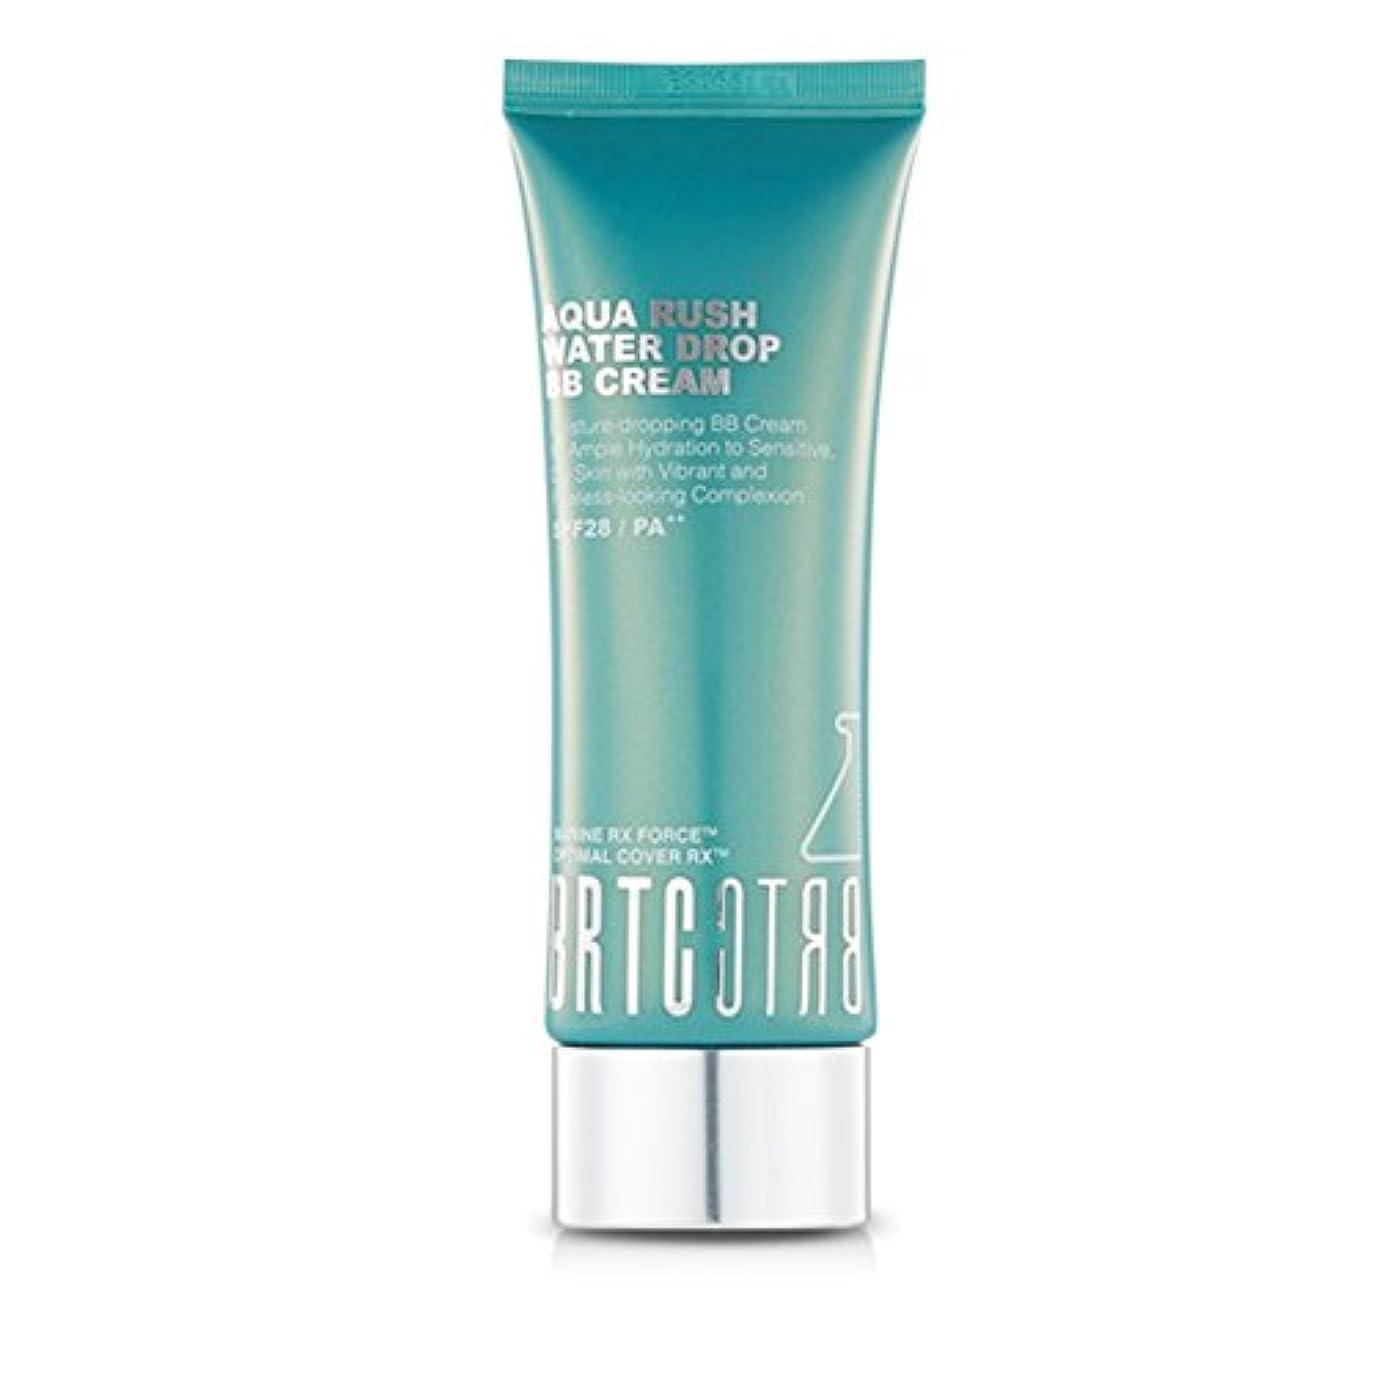 遮るたっぷり以上【BRTC/非アルティさん]韓国化粧品Aqua Rush Water Drop BB Cream/こすると水滴がソングルソングルミネラルBB/アクアラッシュウォータードロップBBクリーム60g(海外直送品)